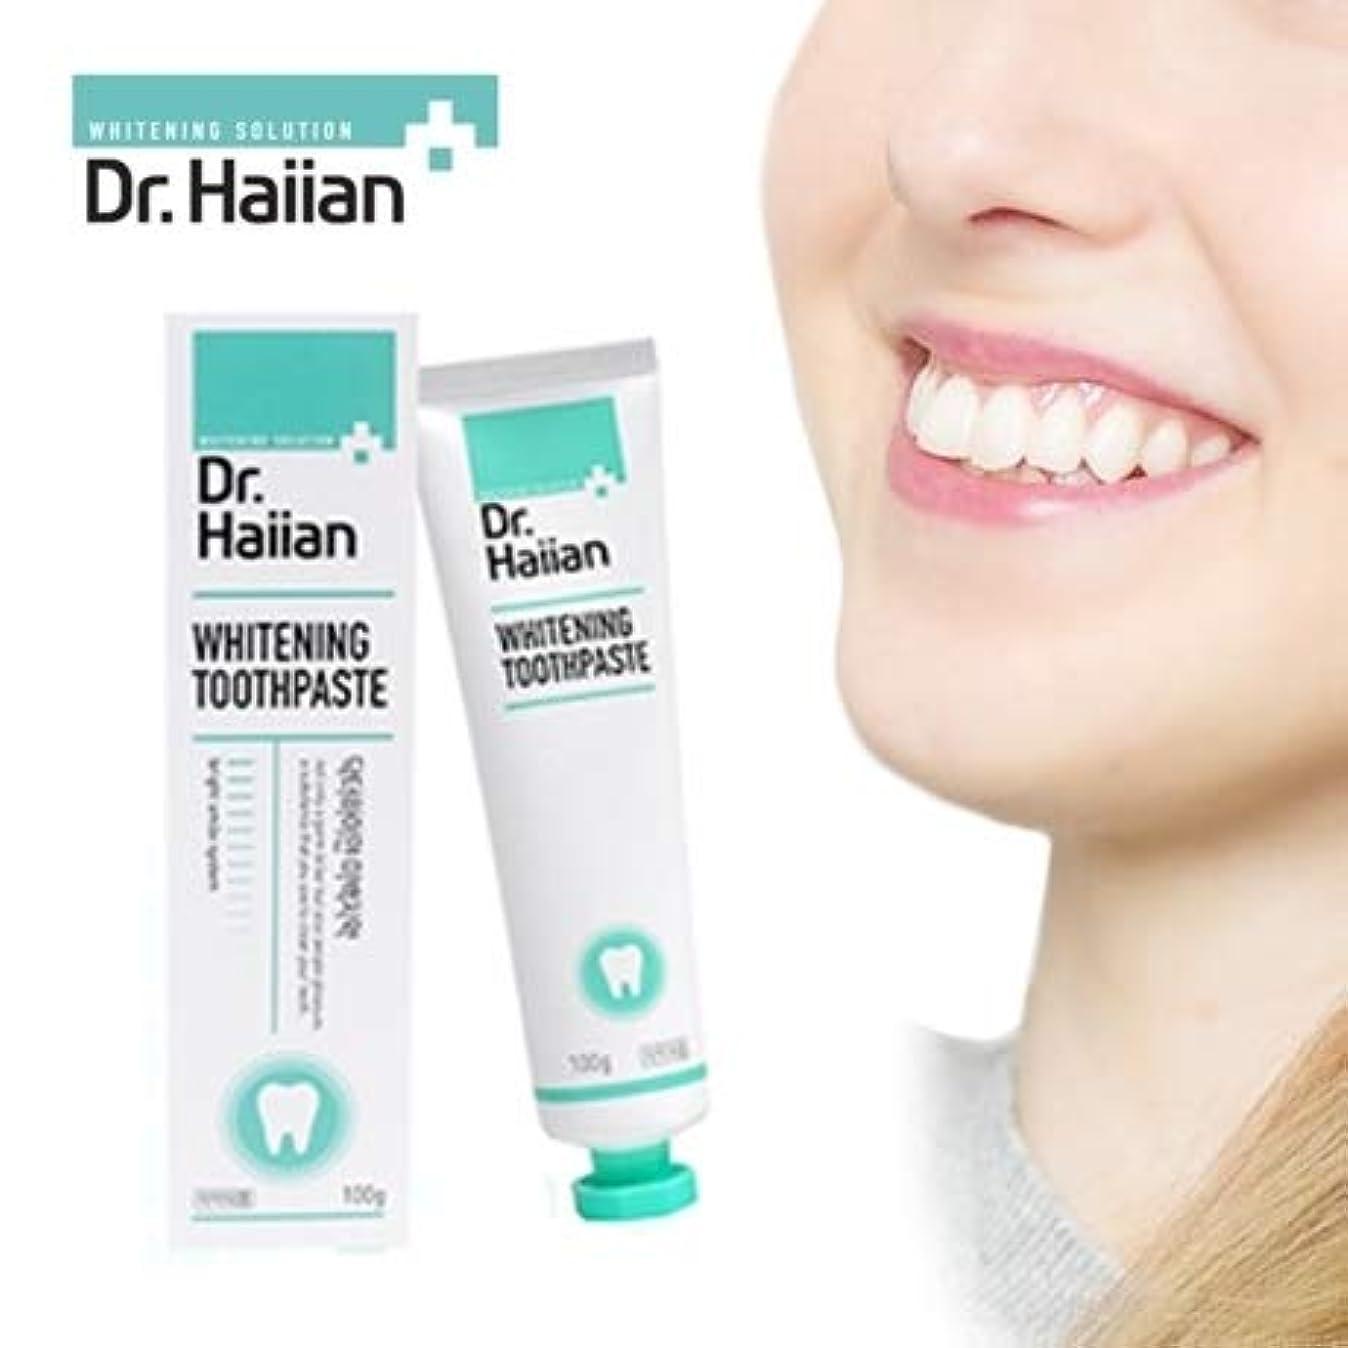 シガレット閃光器用Dr.Haiian WHITENING TOOTHPASTE ホワイトニング歯磨き粉 100g